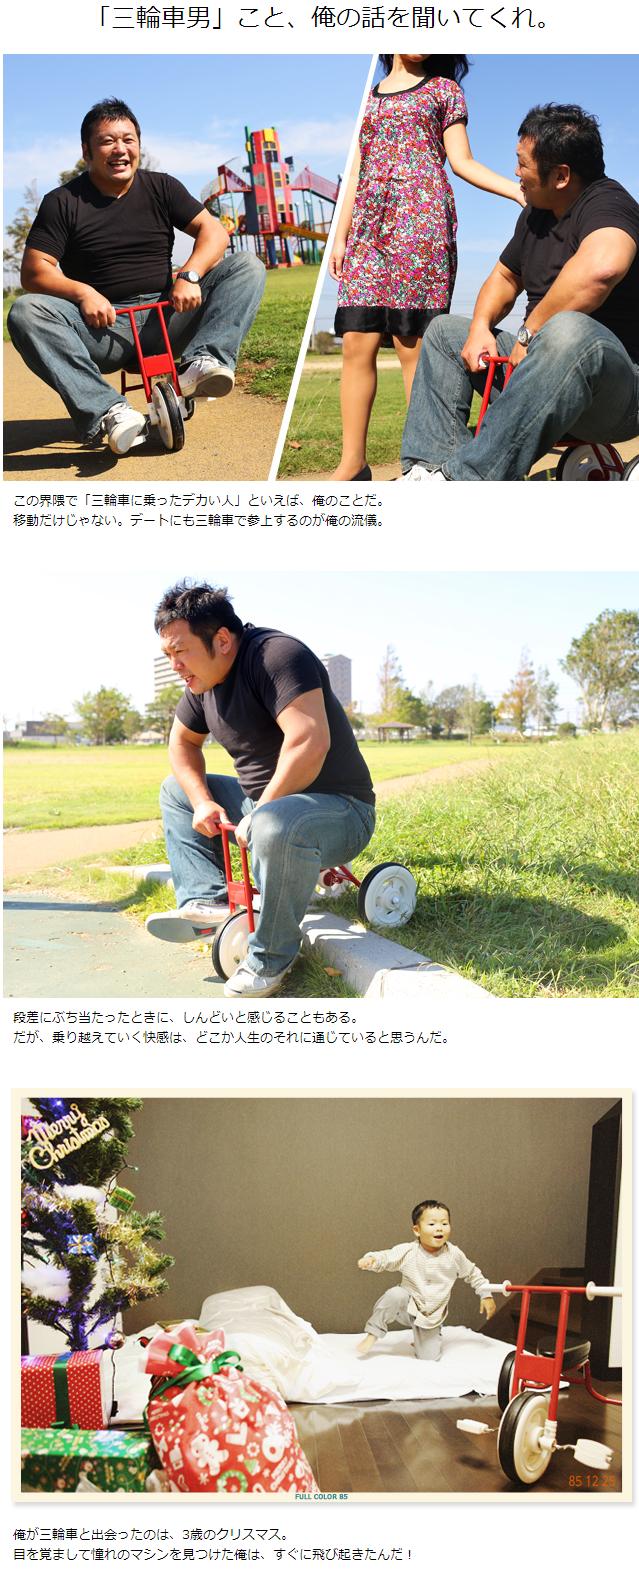 東京モーターショー2013   イベント   ヤマハ発動機株式会社